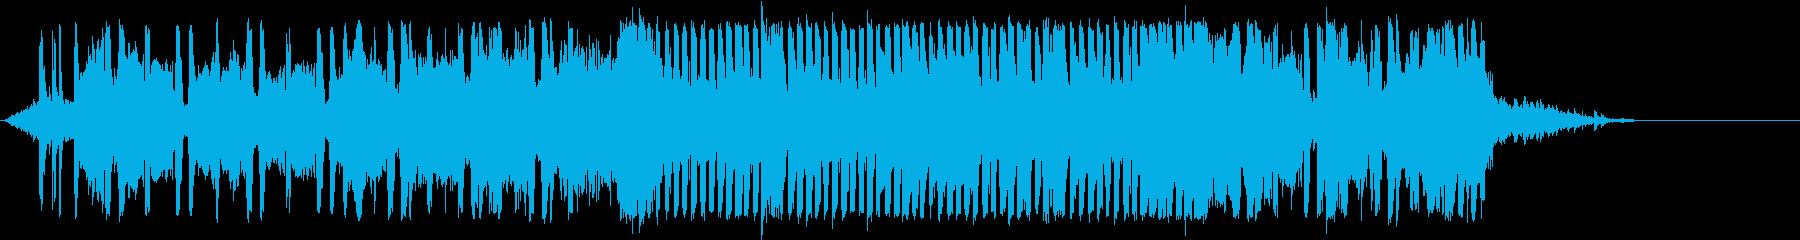 オープニングSE / EDM風/アイドルの再生済みの波形